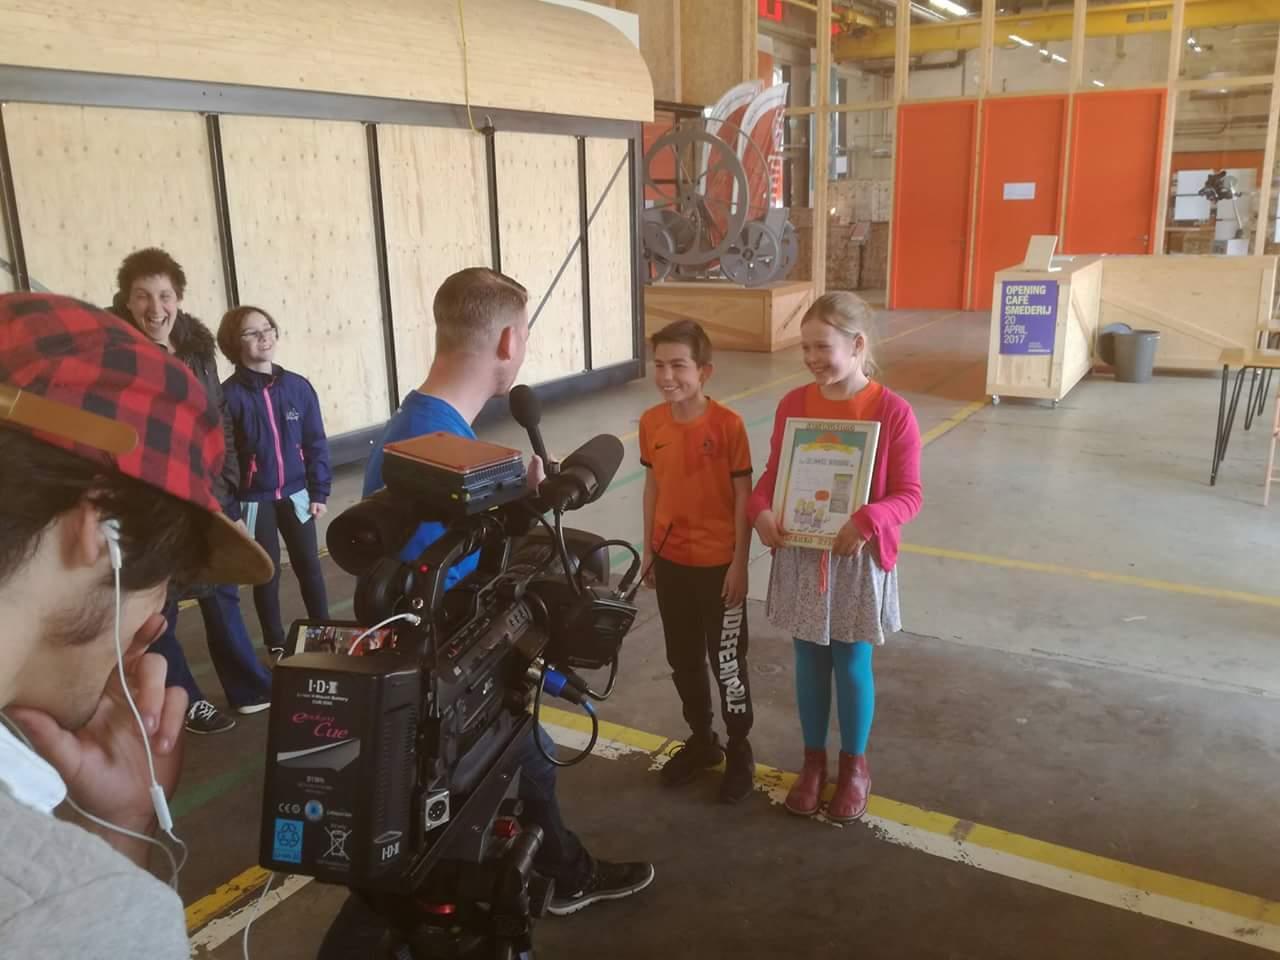 Lies&Dim voor de camera van @OmroepTilburg na het inzingen van t koningsdaglied voor @KoningsdagT @ontdekstation. #stickerboek013 #groep6 https://t.co/73JIQX9O64